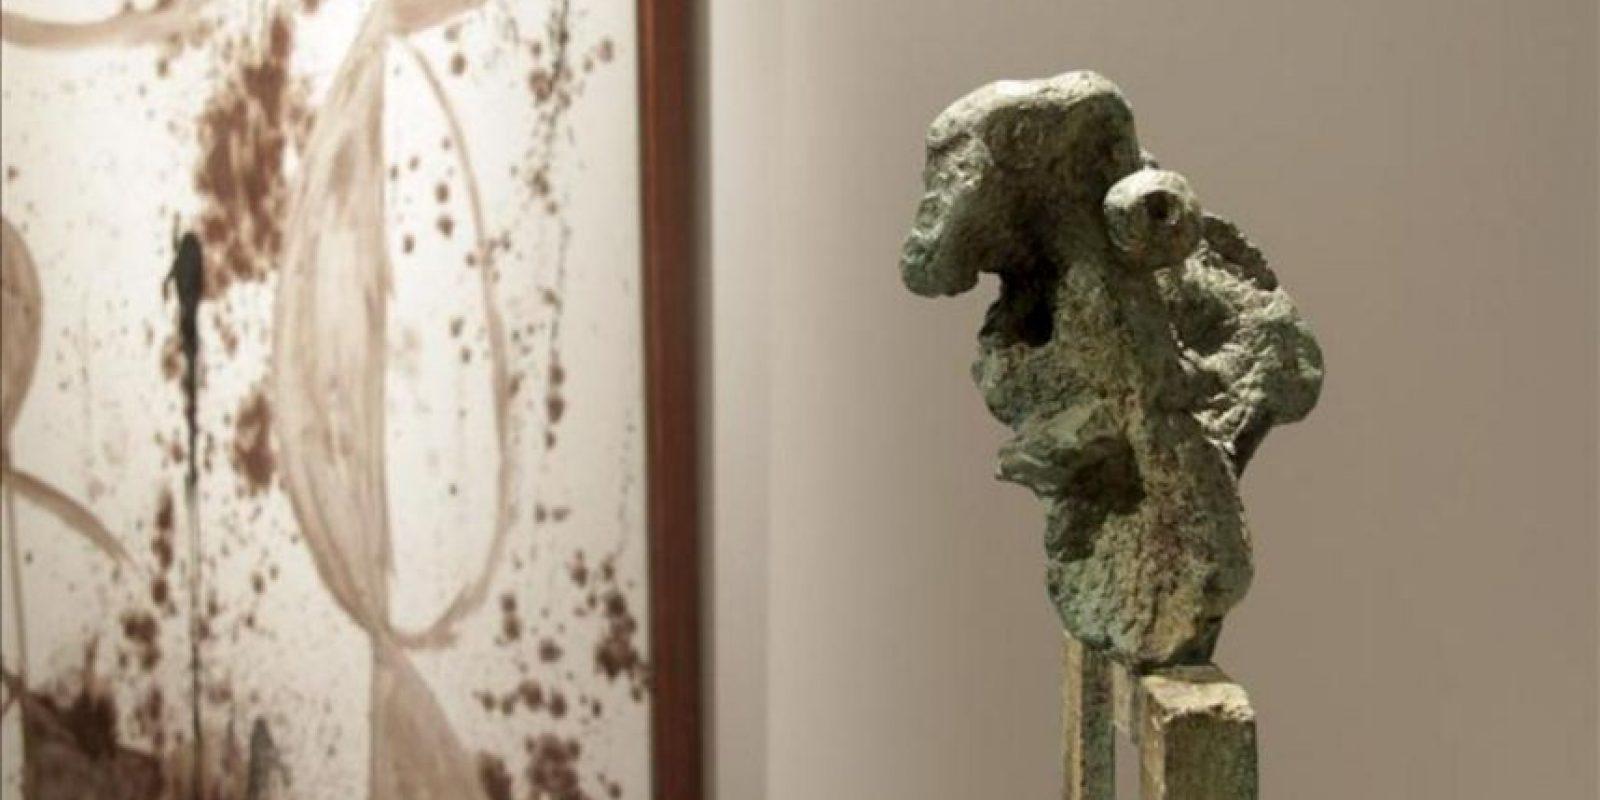 """Una de las obras que forman parte de la exposición """"Joan Miró: Iconografía"""", inaugurada hoy en el Museo de Arte Moderno de Moscú, en el marco del festival internacional de las artes """"Bosque de los Cerezos"""". EFE"""